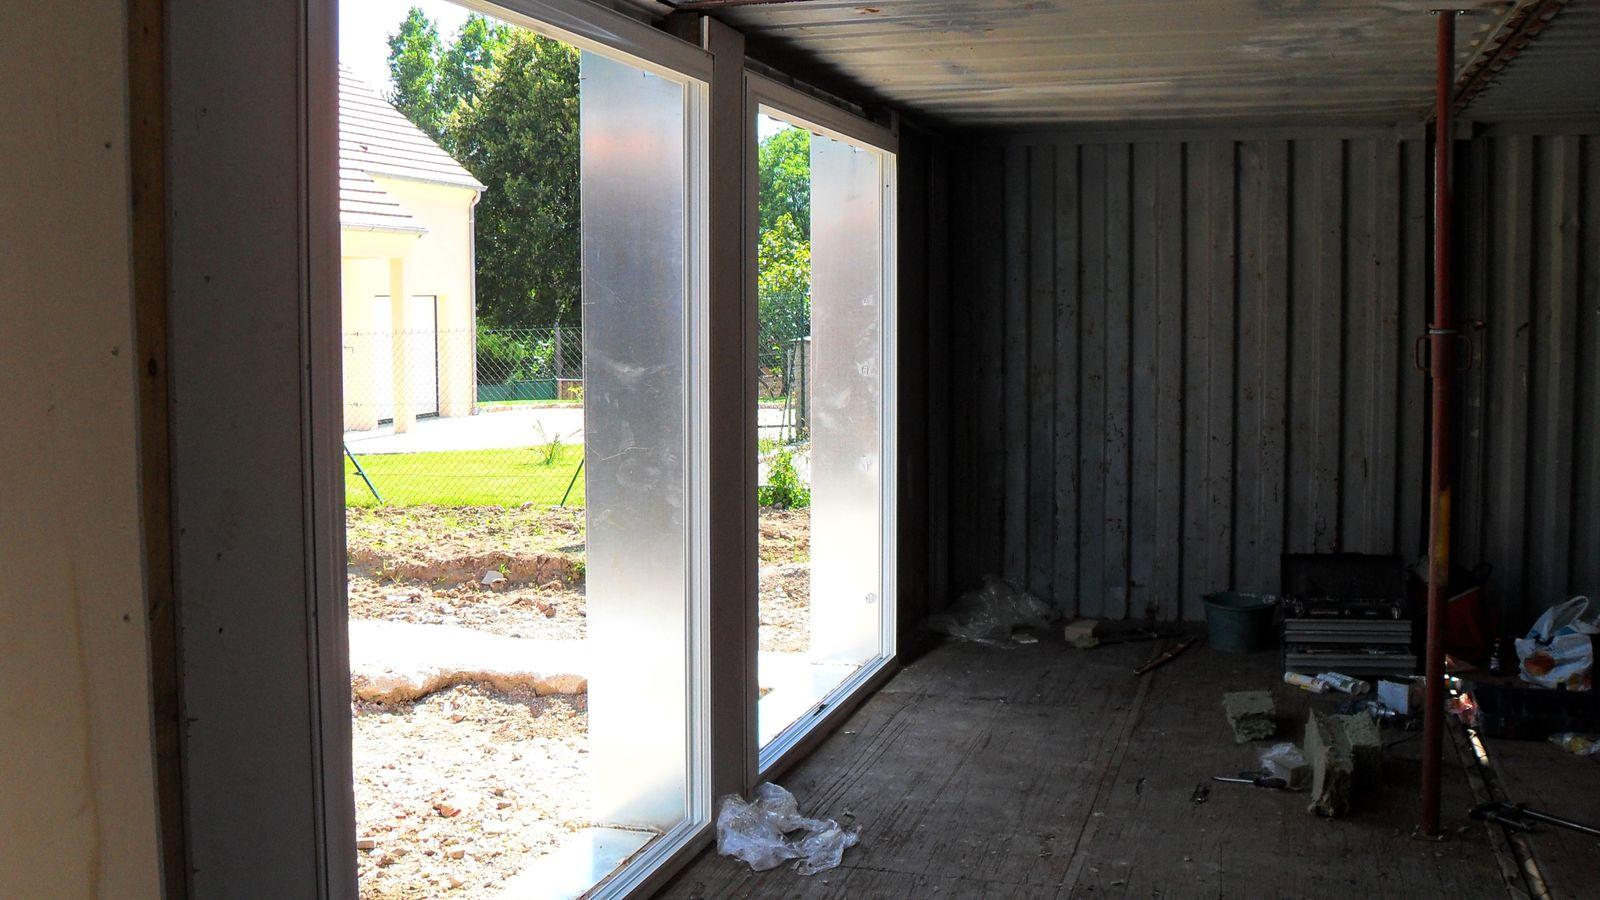 Pose des cadres de fenêtres : fin juillet 2012